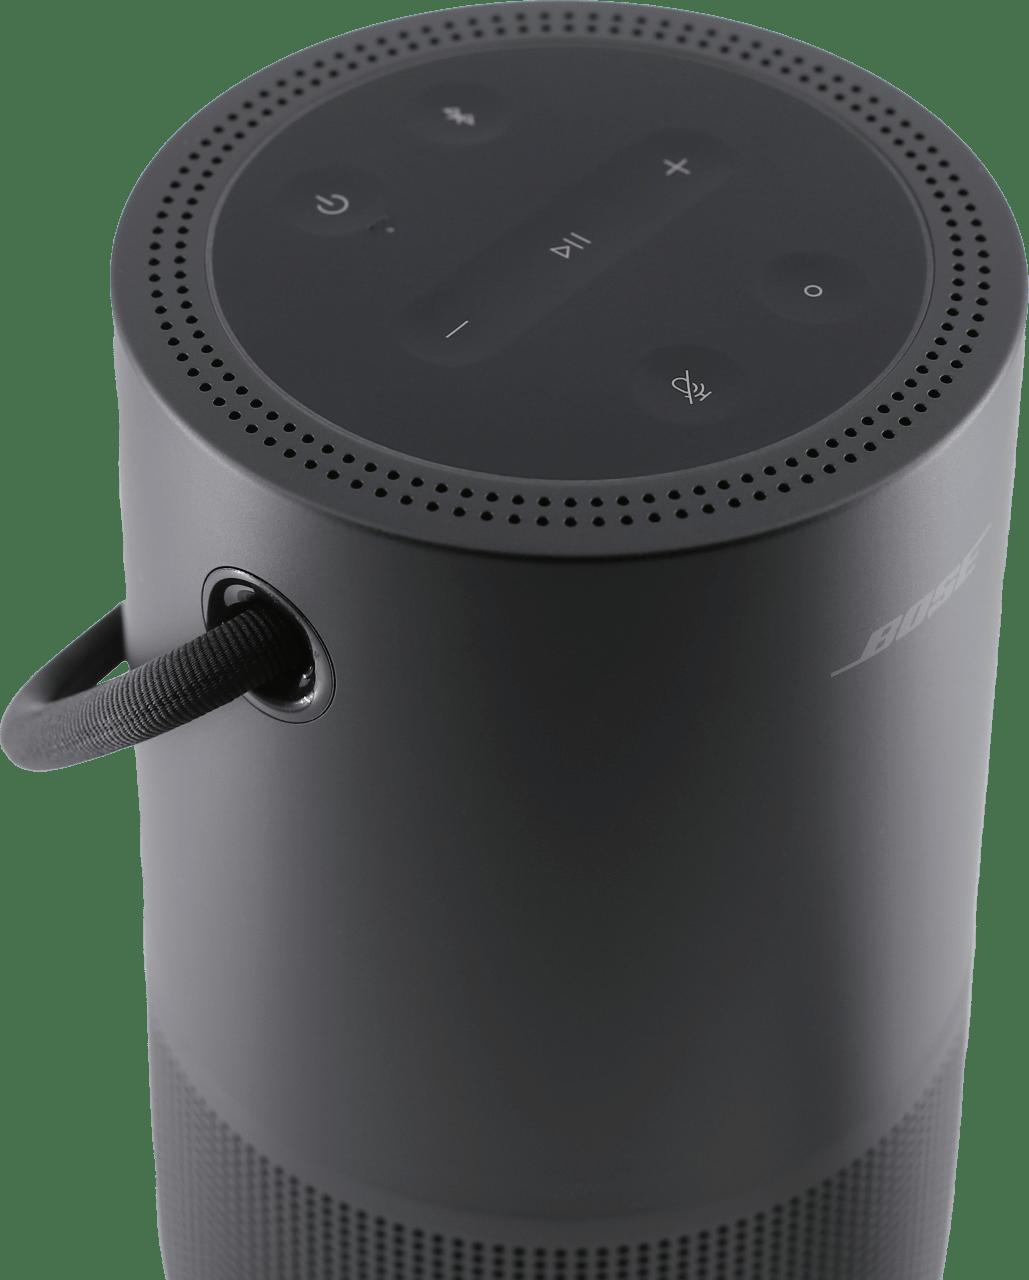 Matt Black Bose Portable Smart Speaker.3